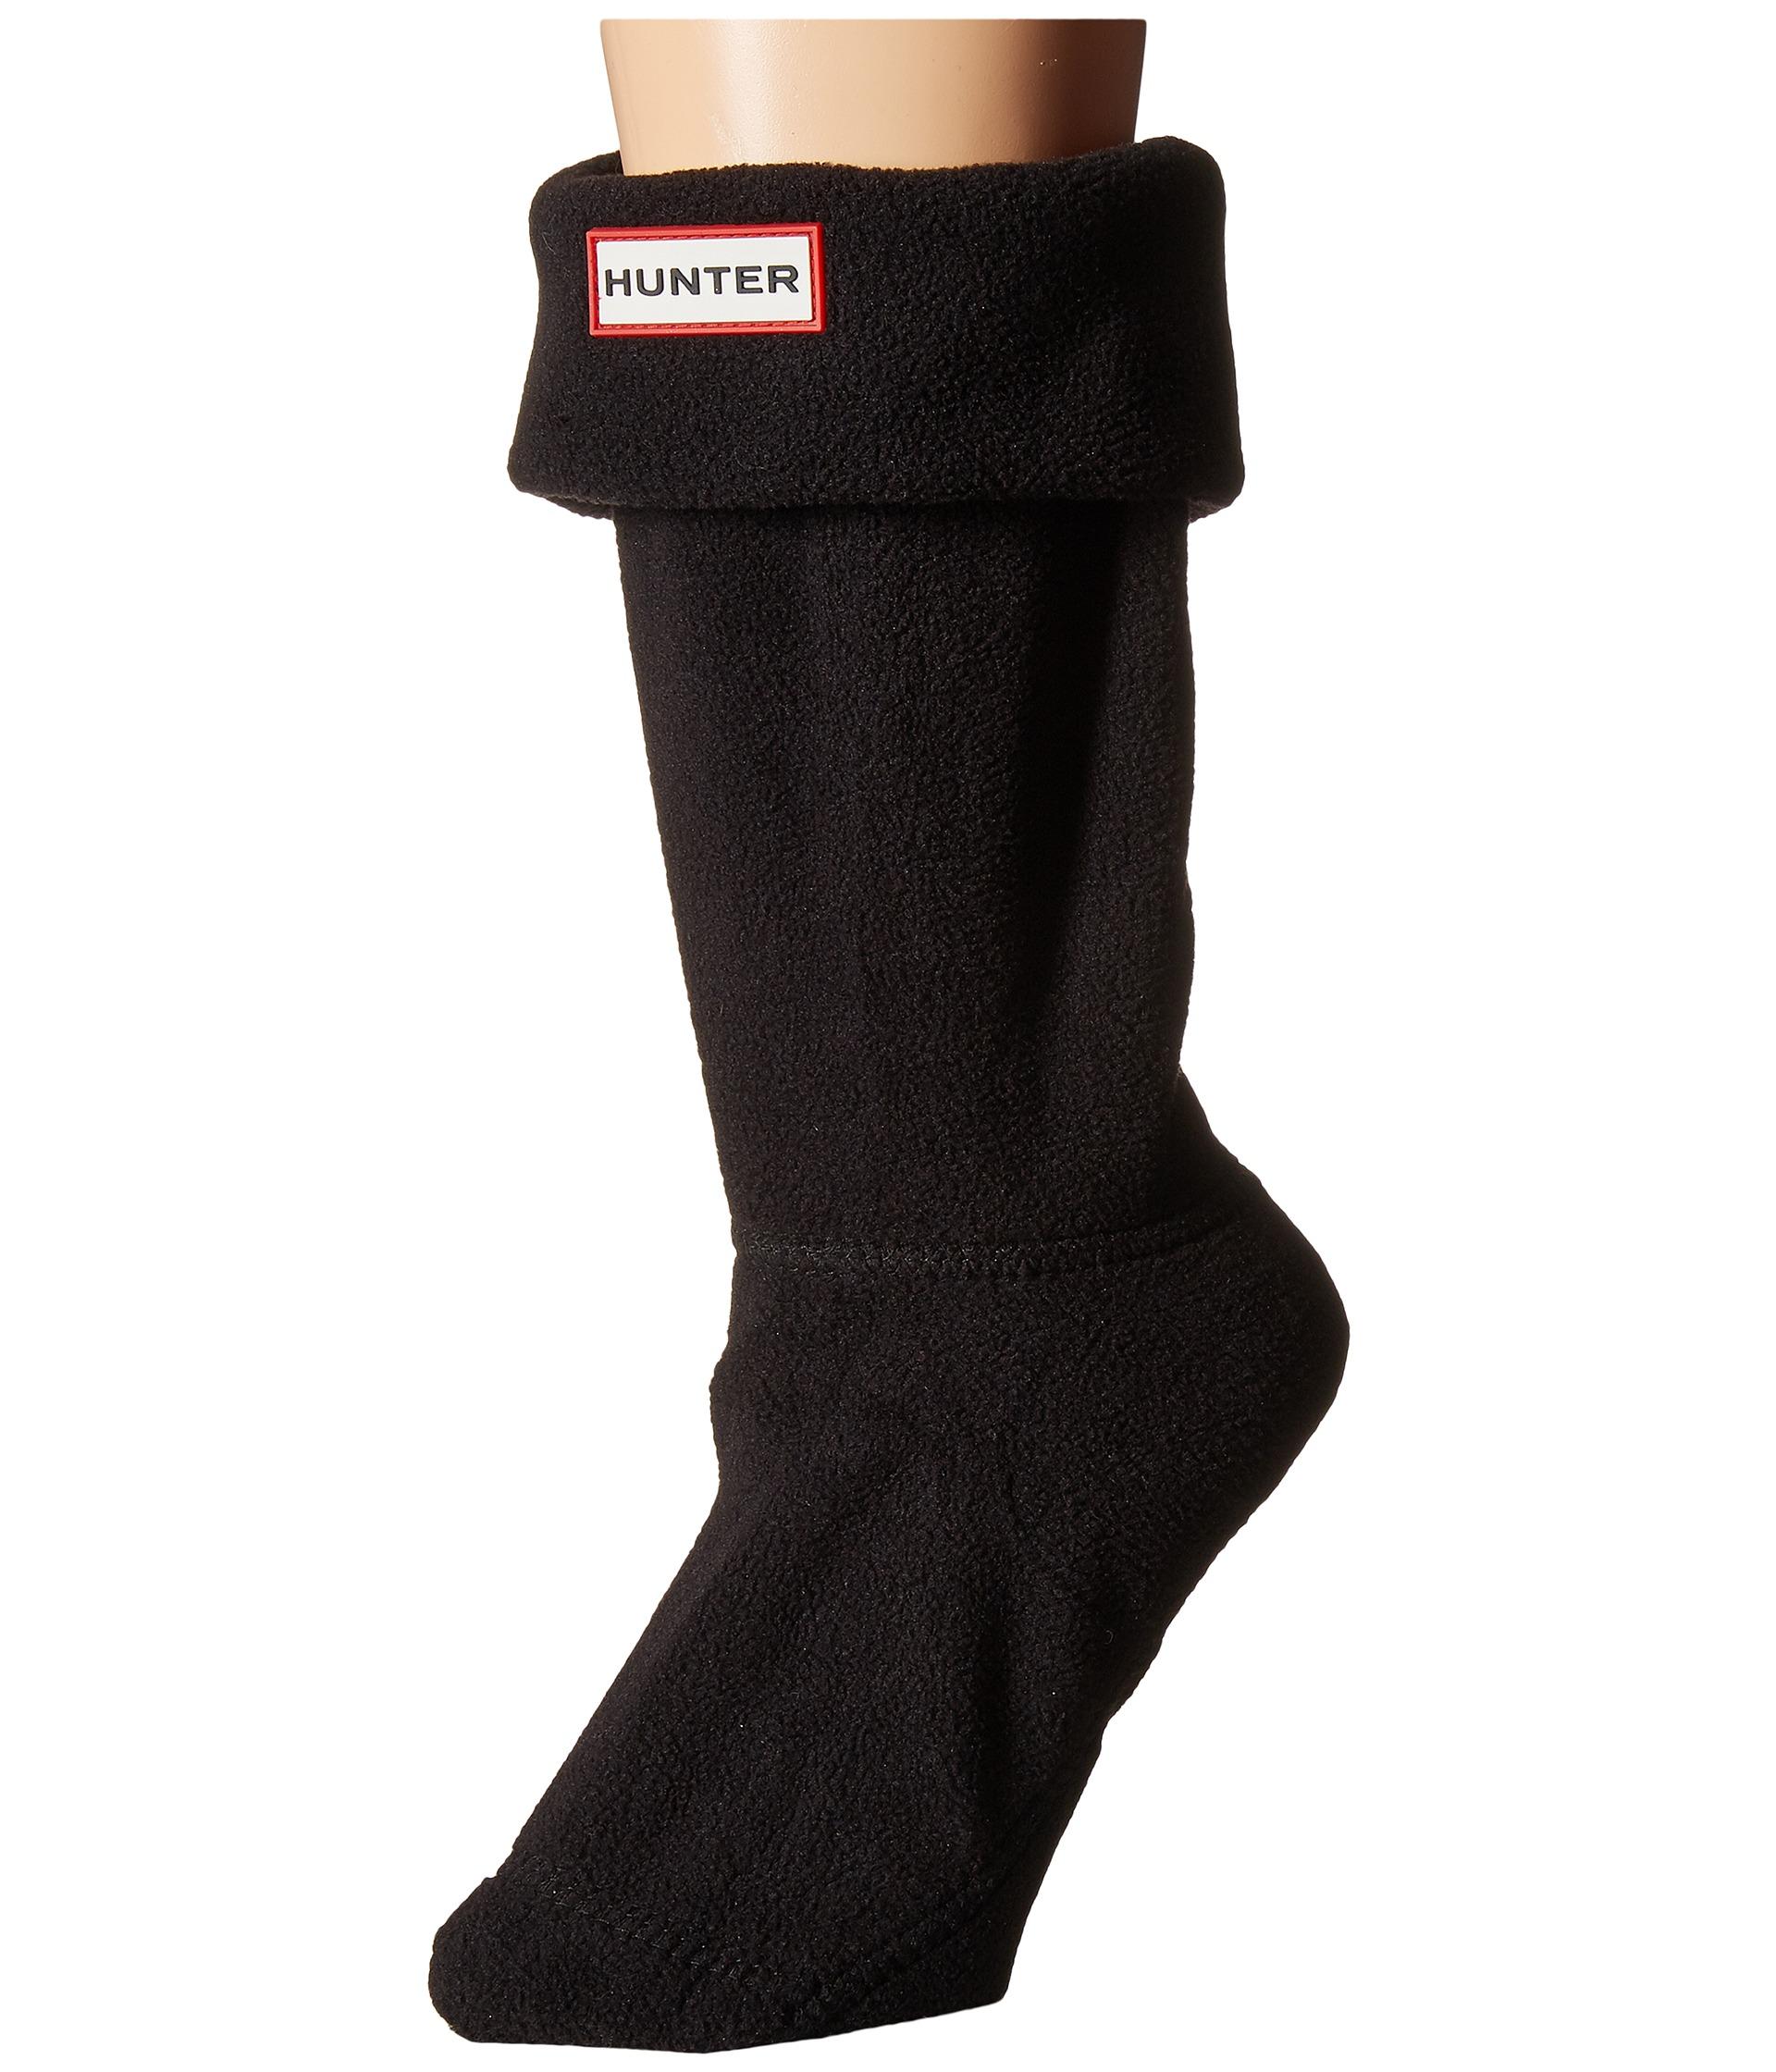 Boot Socks | Shipped Free at Zappos